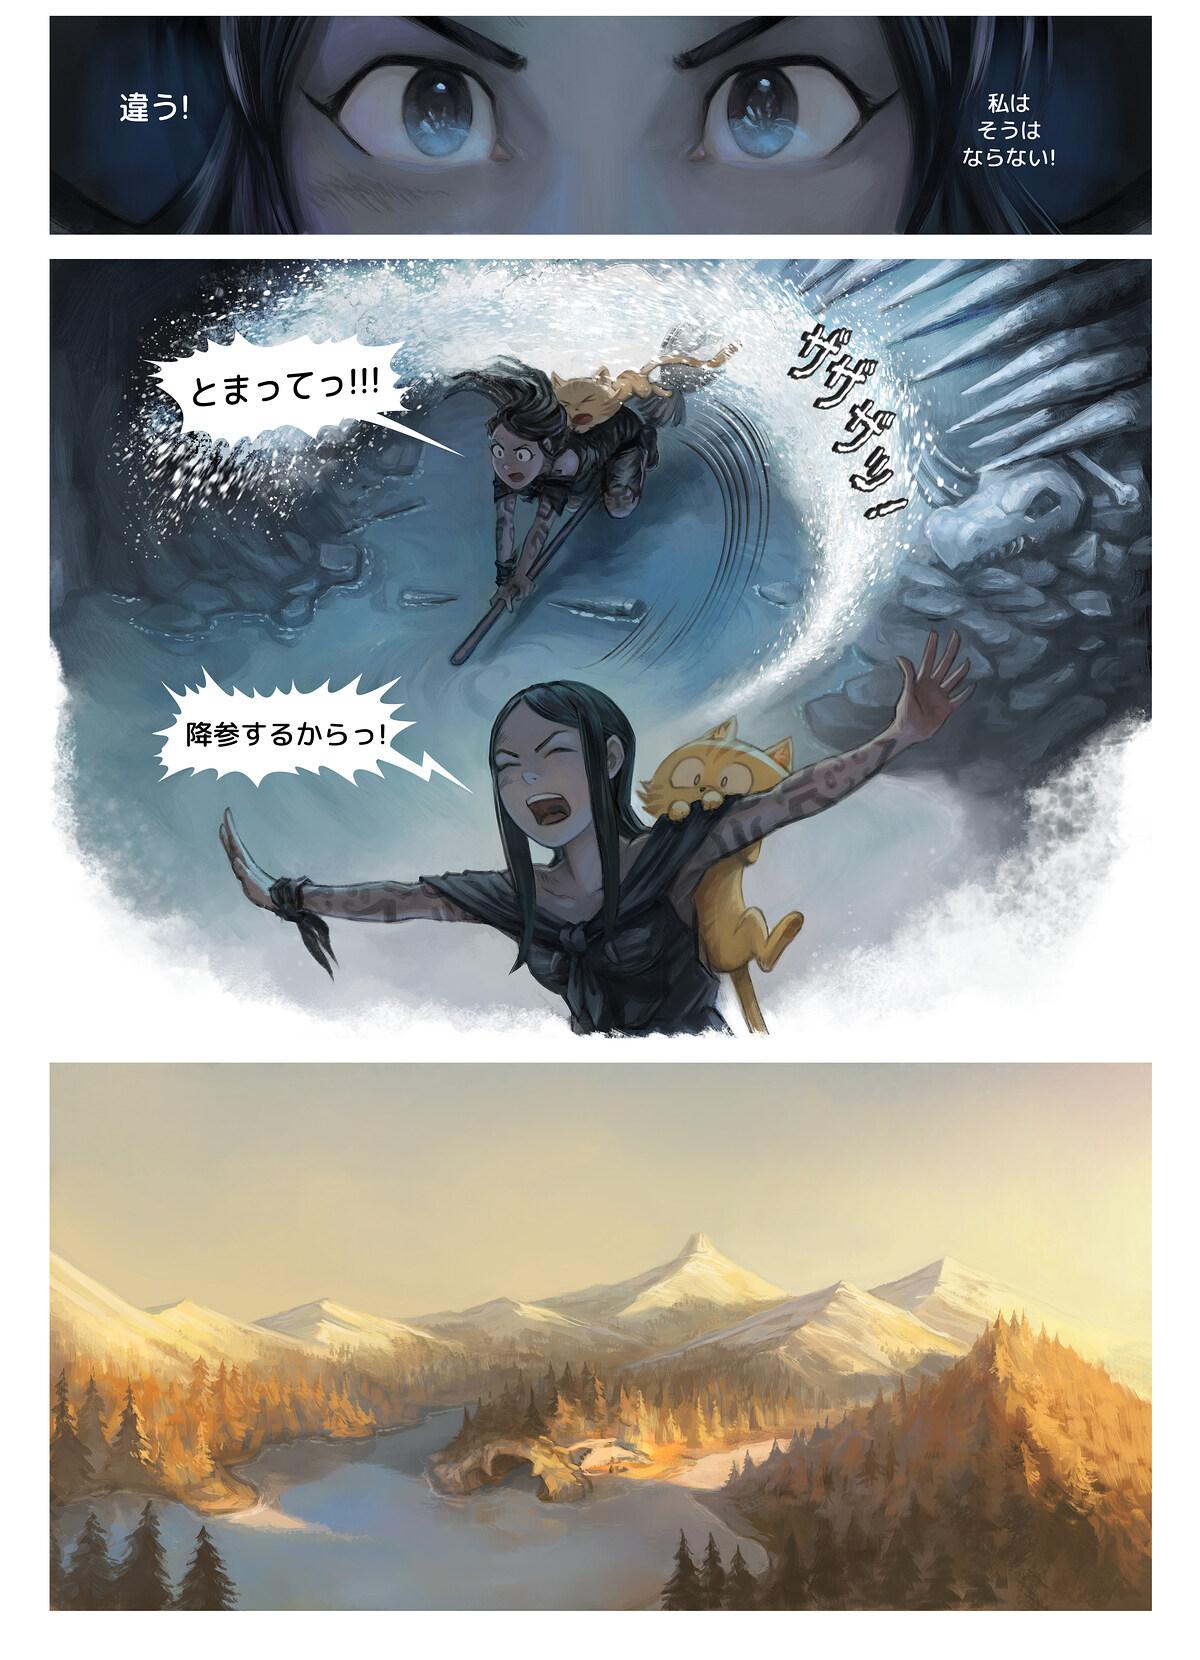 エピソード 35: 鏡像, ページ 9